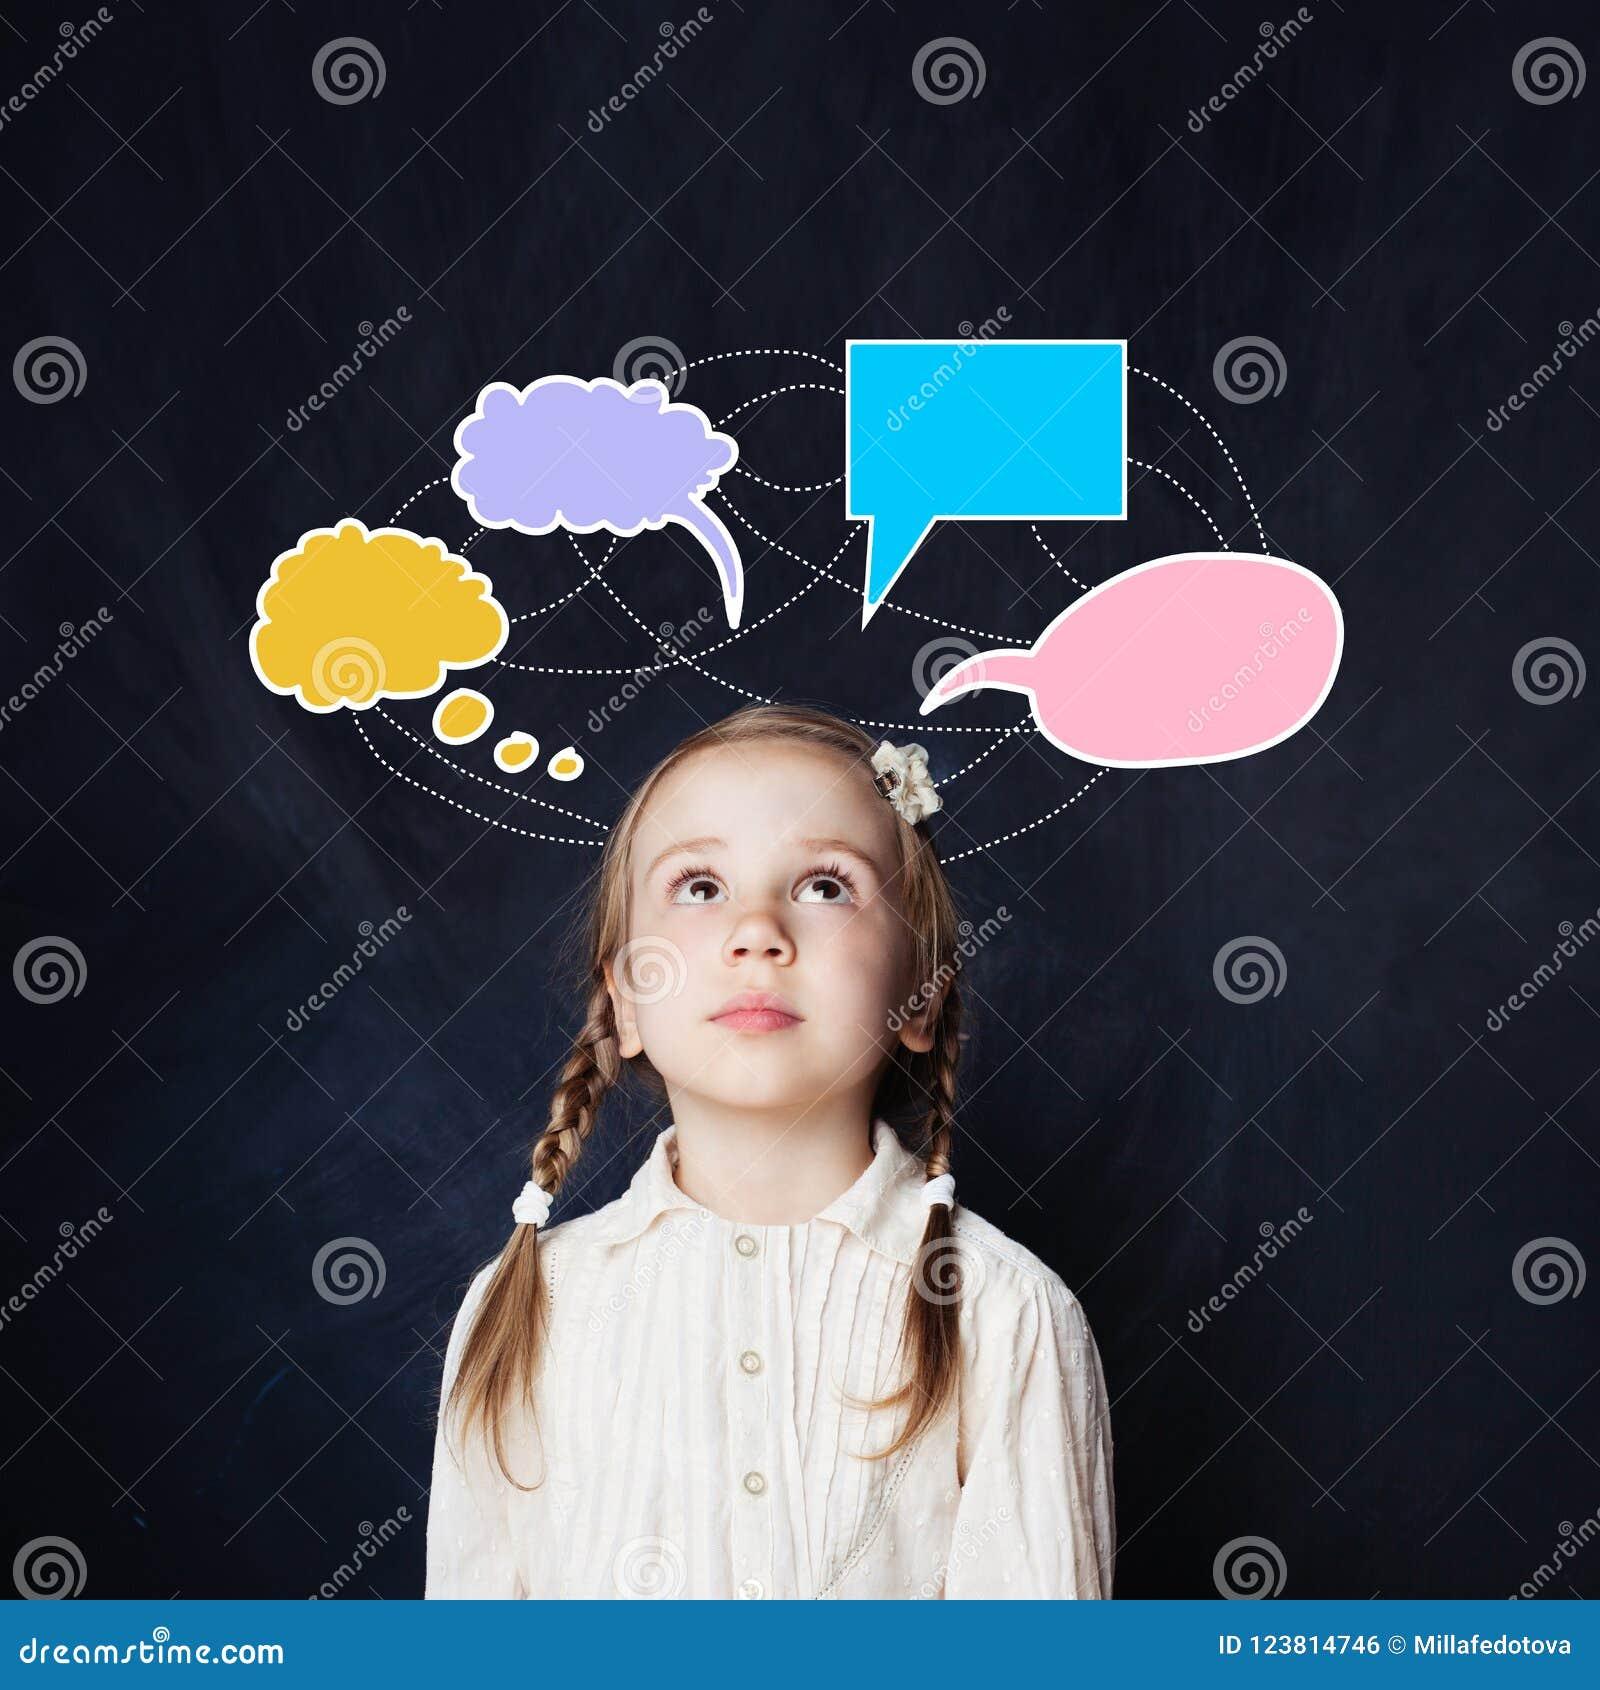 La Petite Fille Avec Le Discours Coloré Opacifie Le Dessin